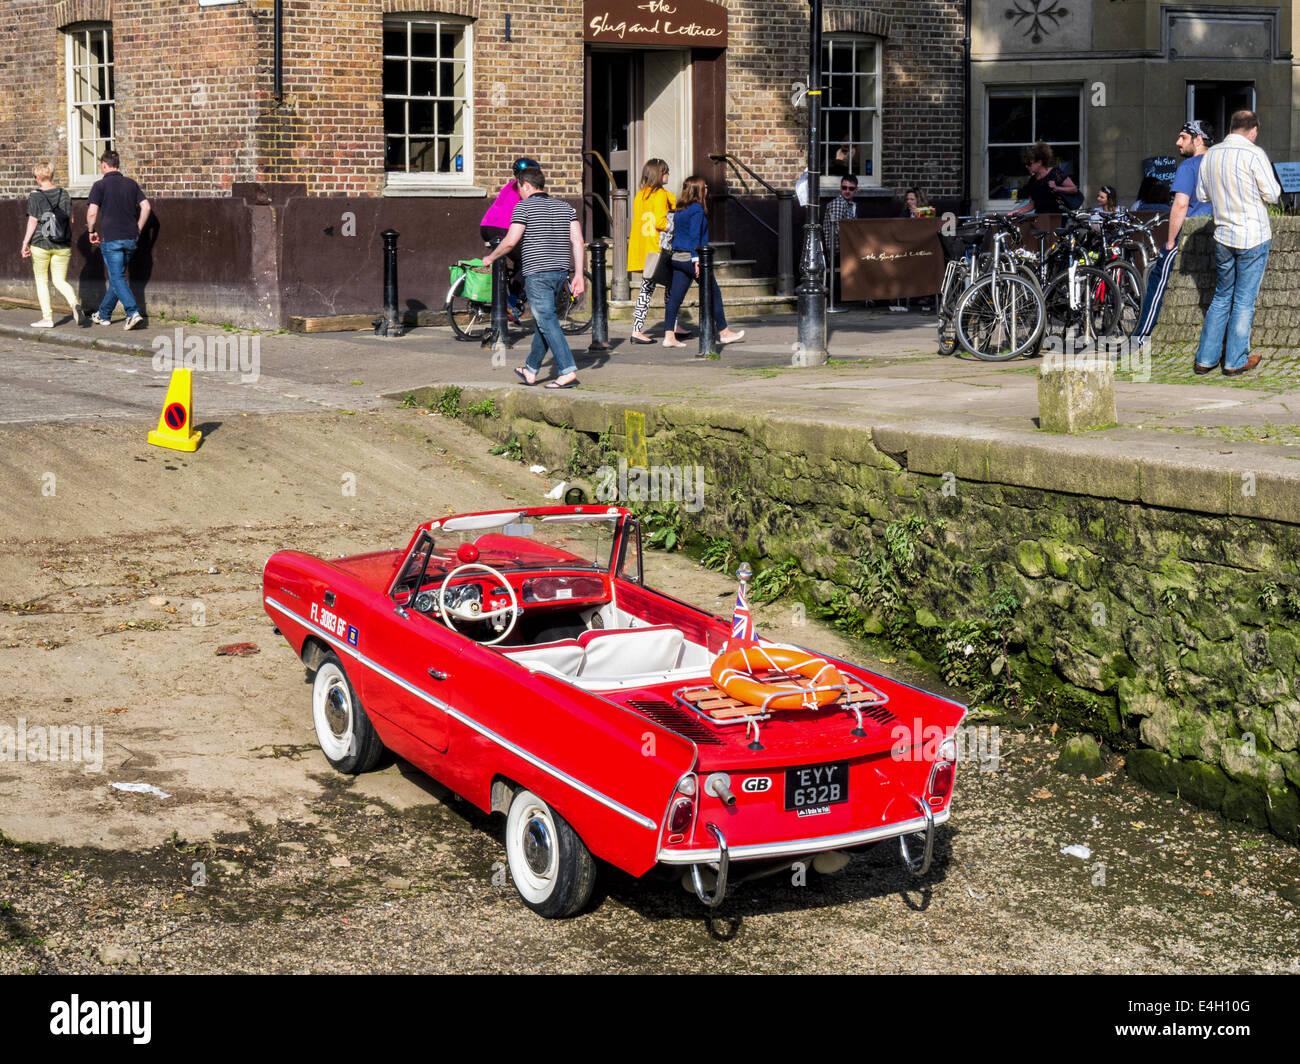 Amphicat for sale amphibious atv pictures - Amphicar Red Amphibious Car German Vehicle Designed By Hans Trippel Parked At Riverside